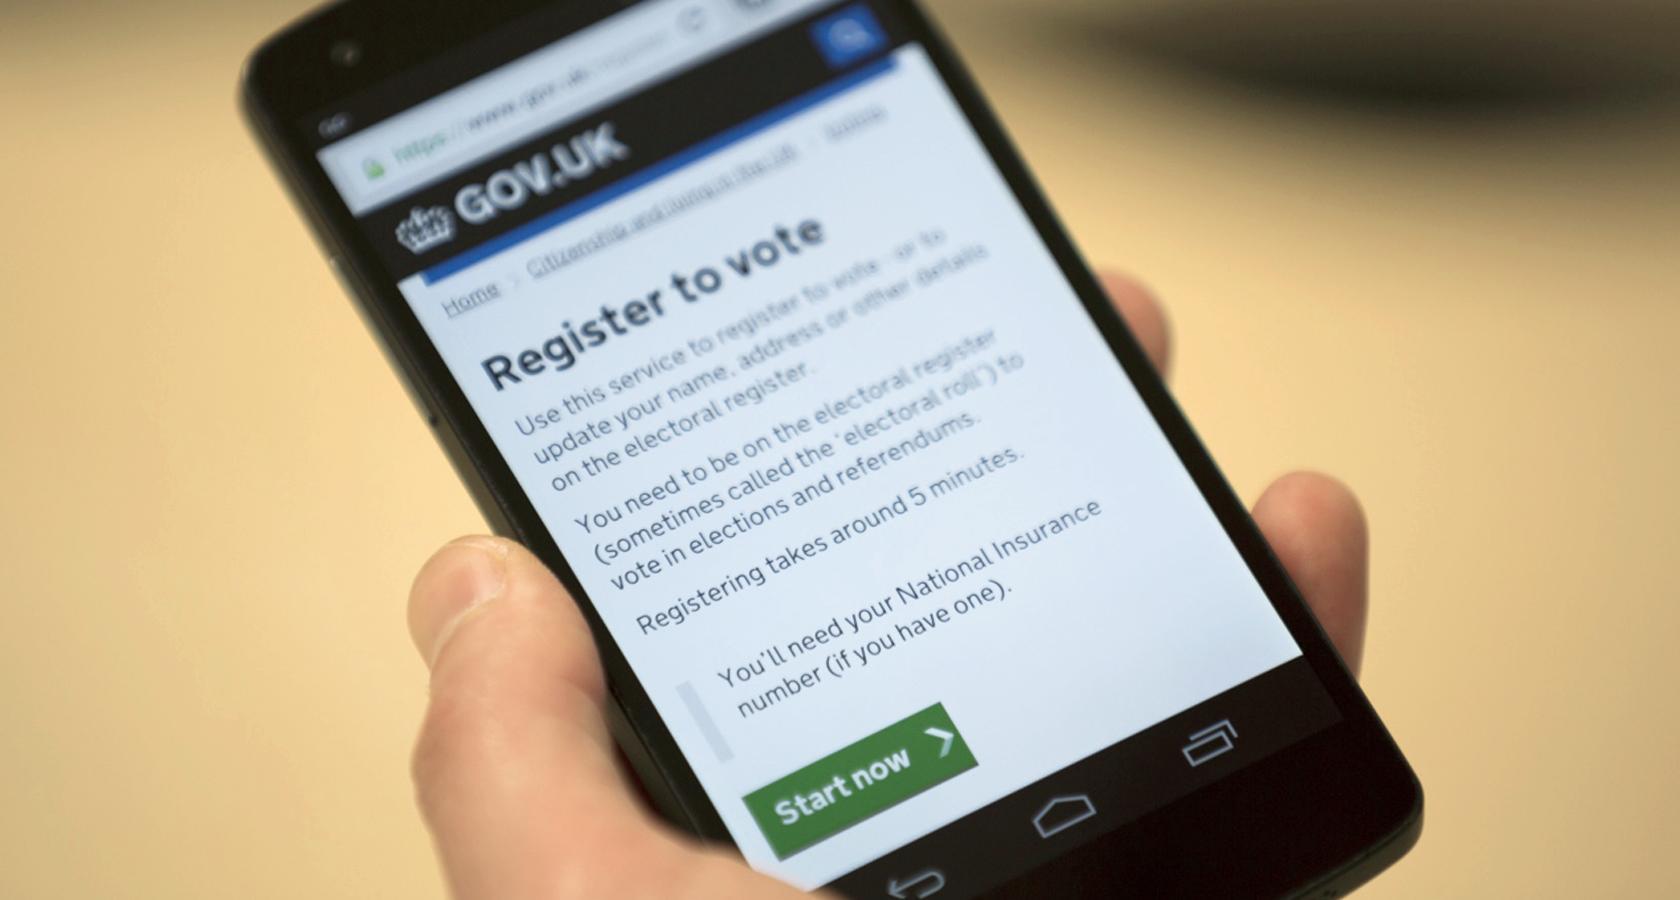 Gov.uk's user interface design principles